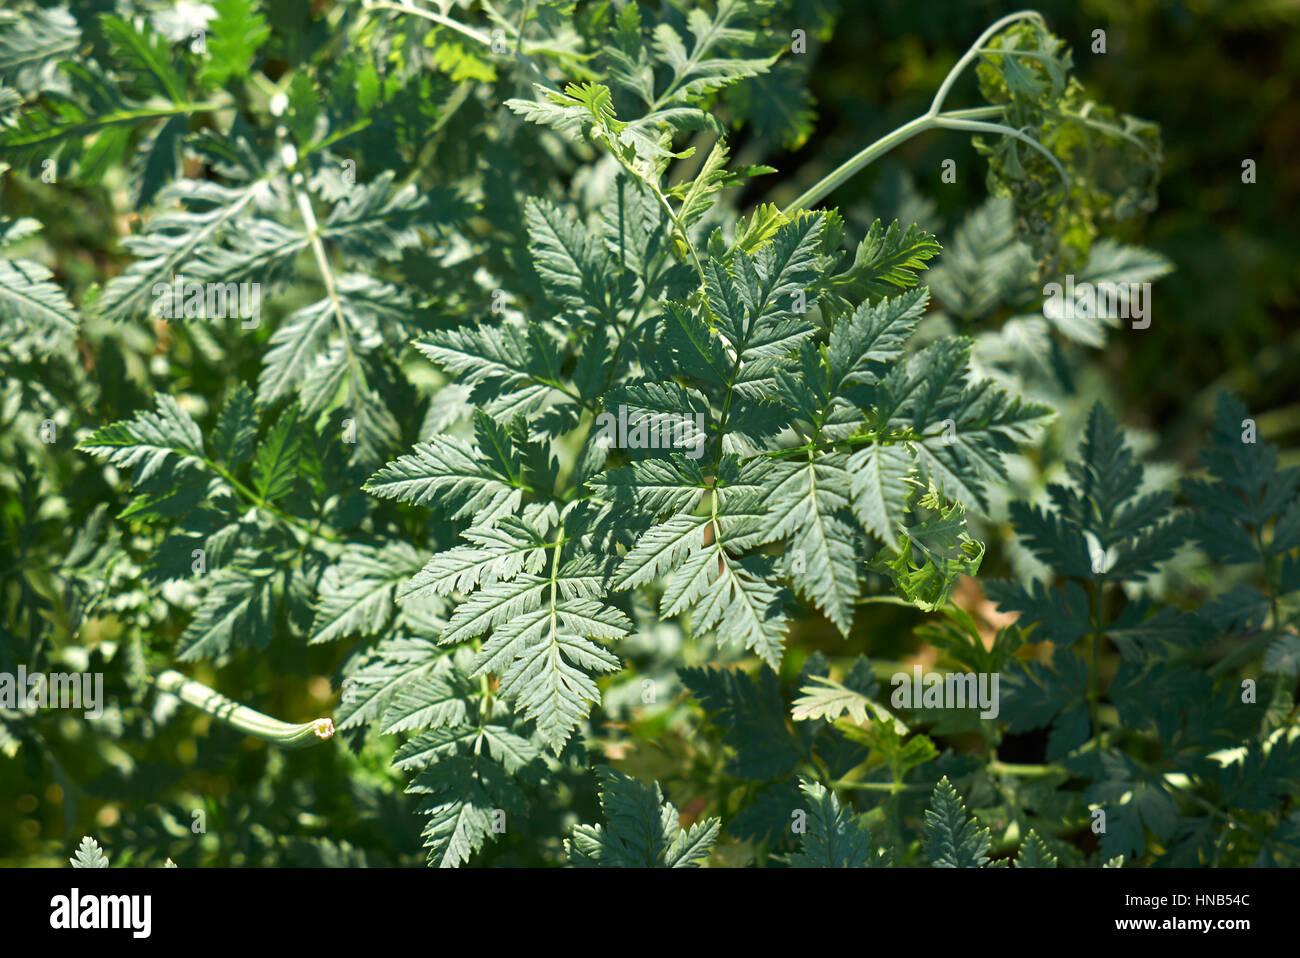 Conium maculatum leave - Stock Image